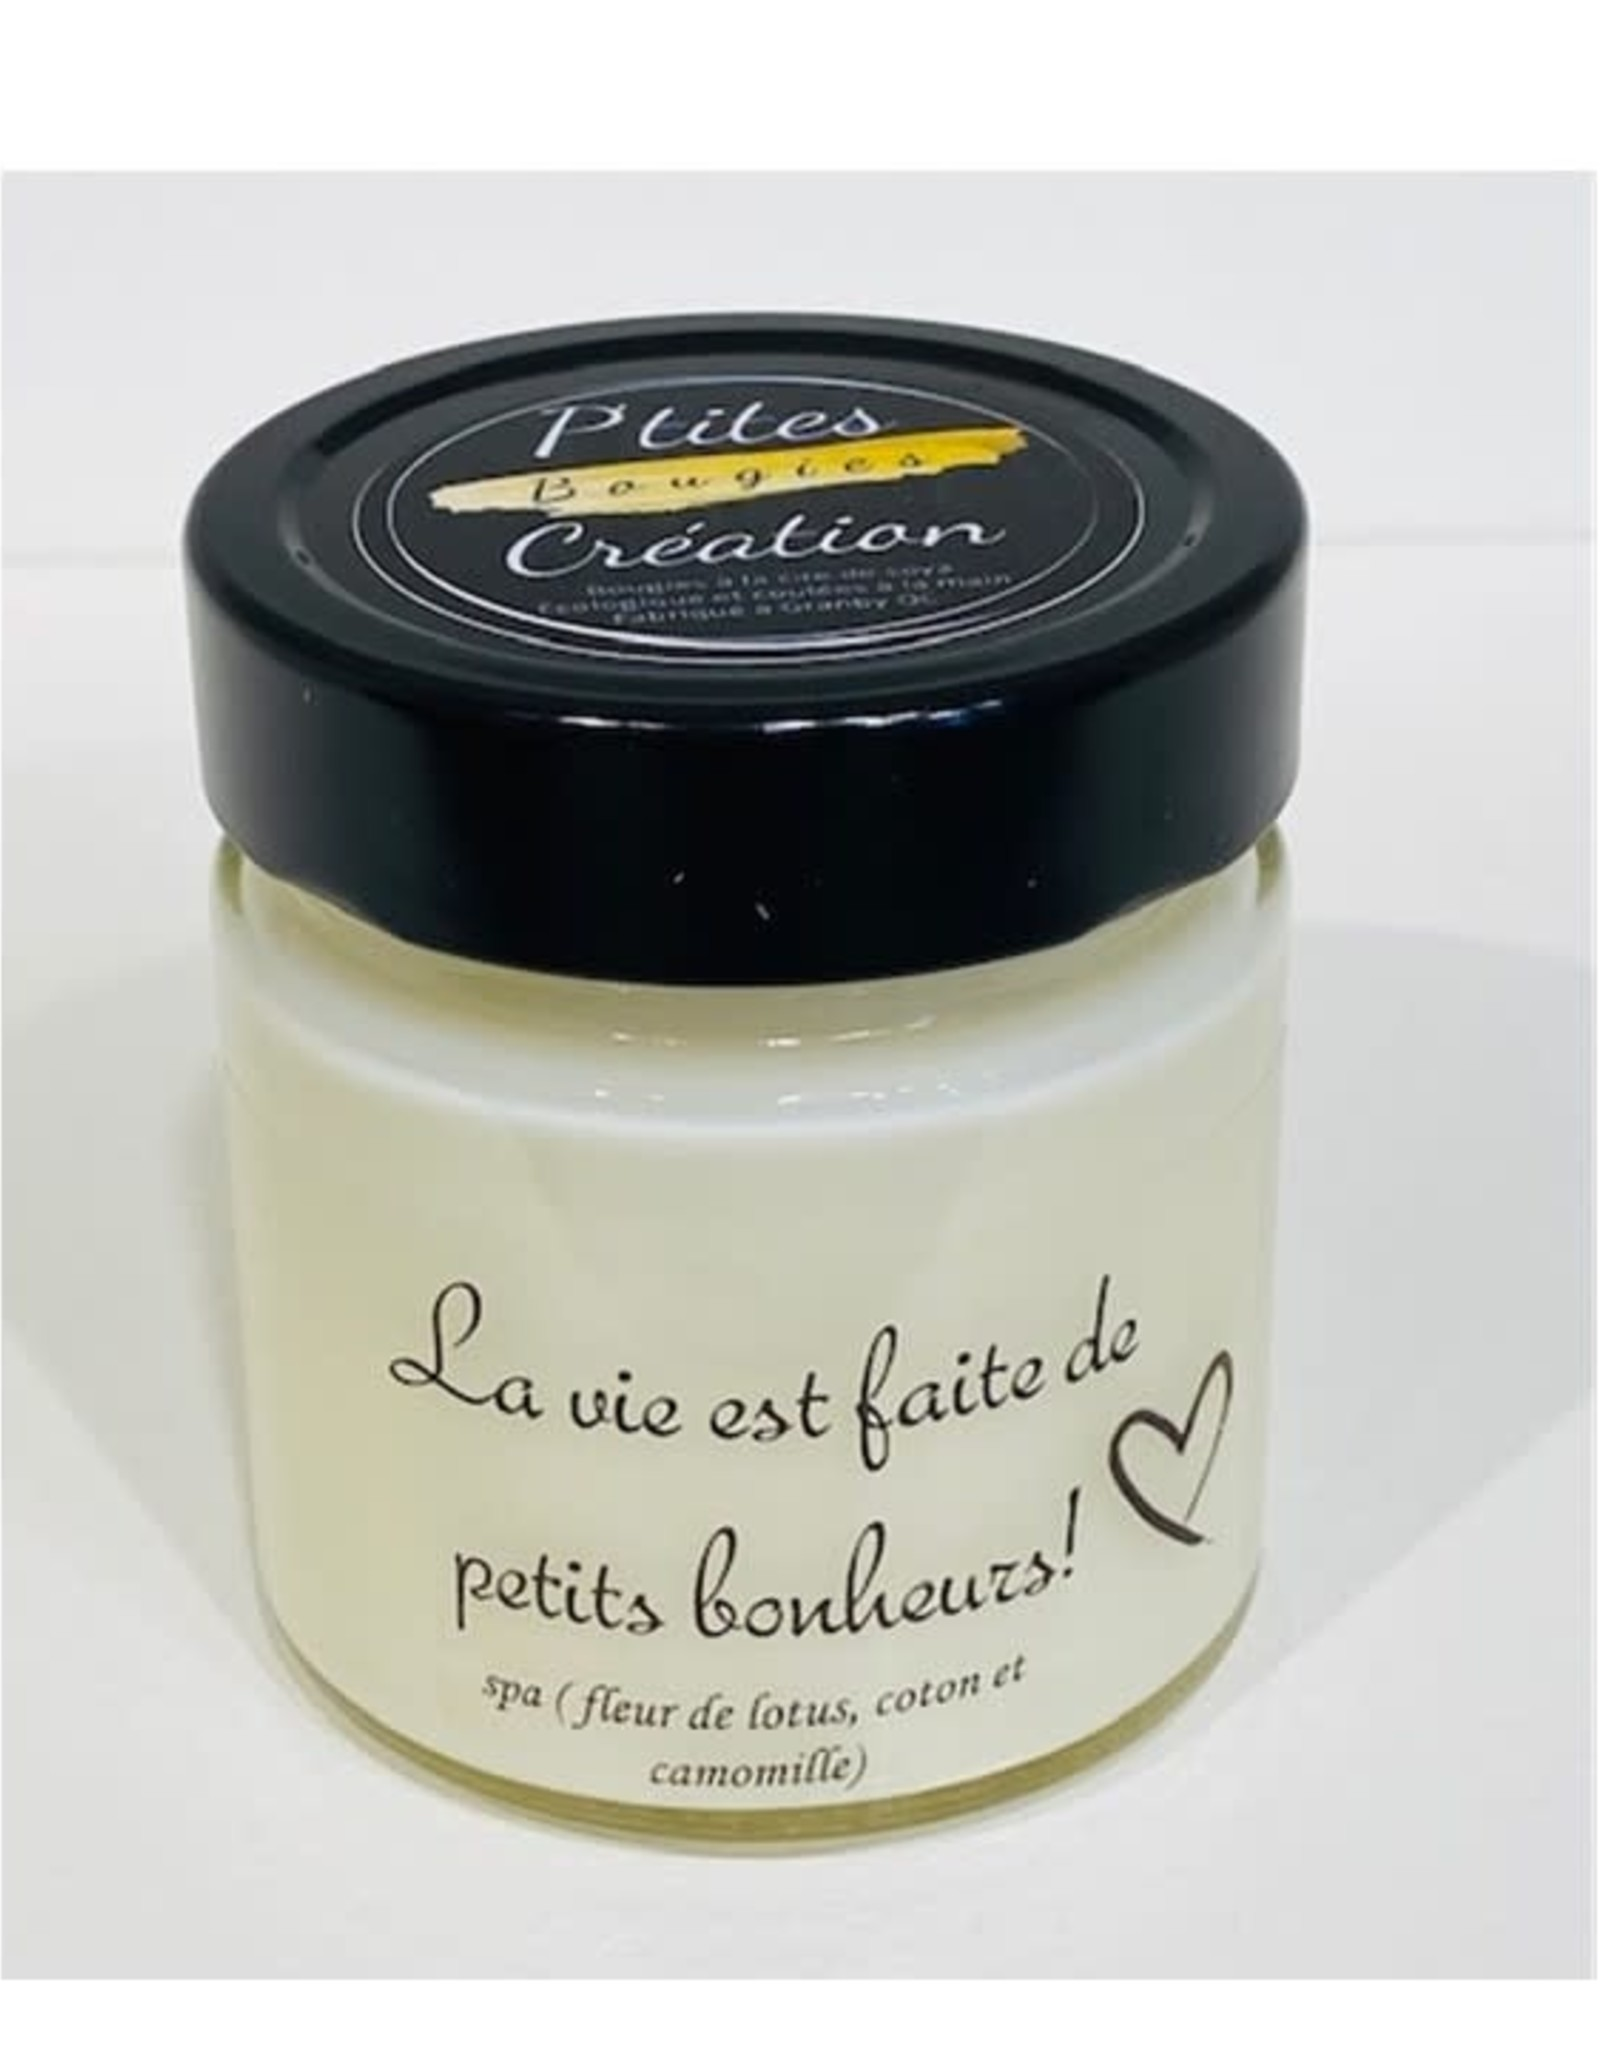 Les p'tites bougies Bougie - La vie est faite de petits bonheurs - Spa